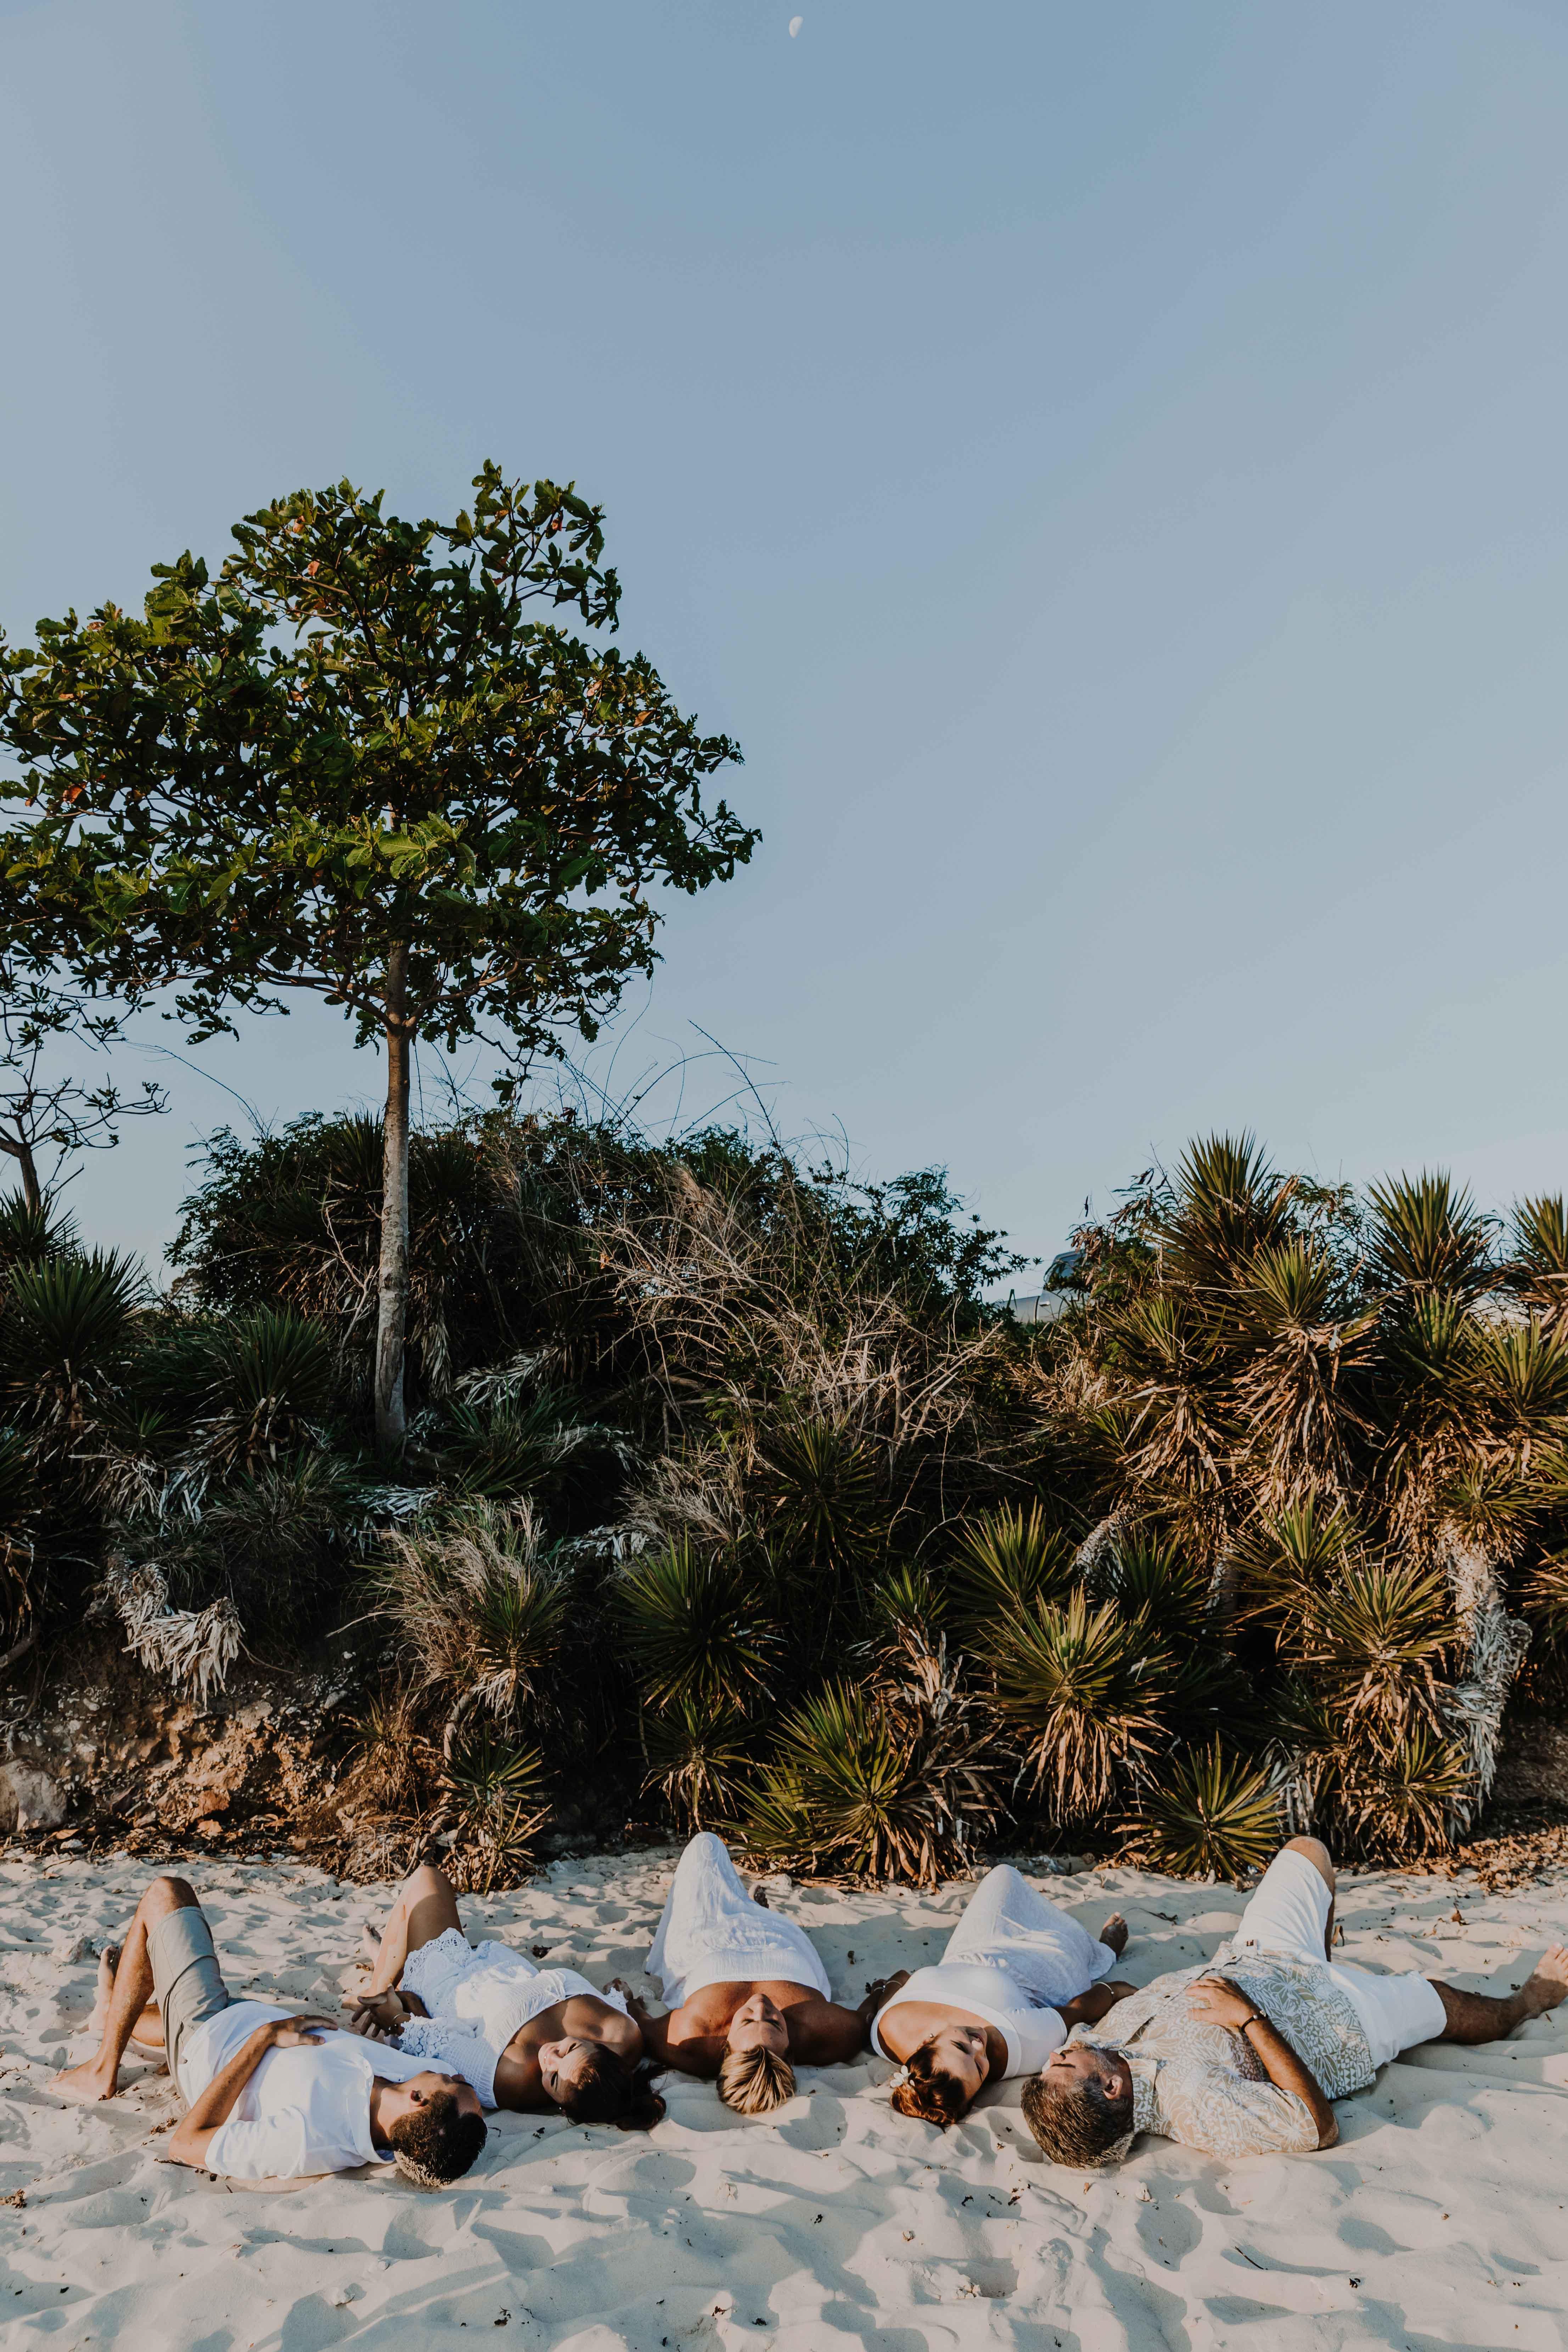 une famille allongée dans le sable au coucher du soleil